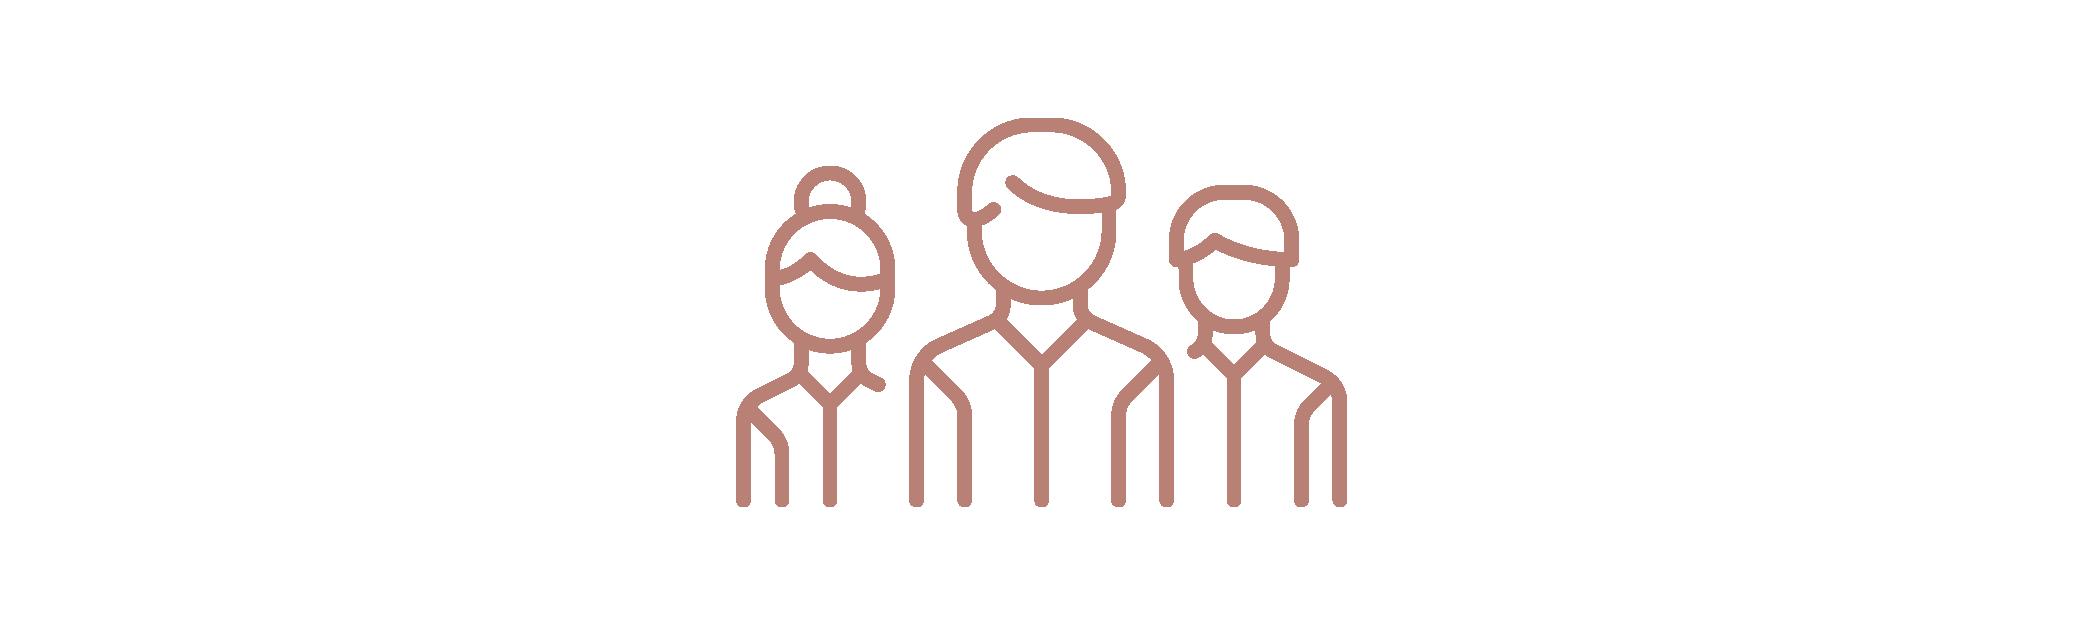 jvpartners-tech-recruitment.png